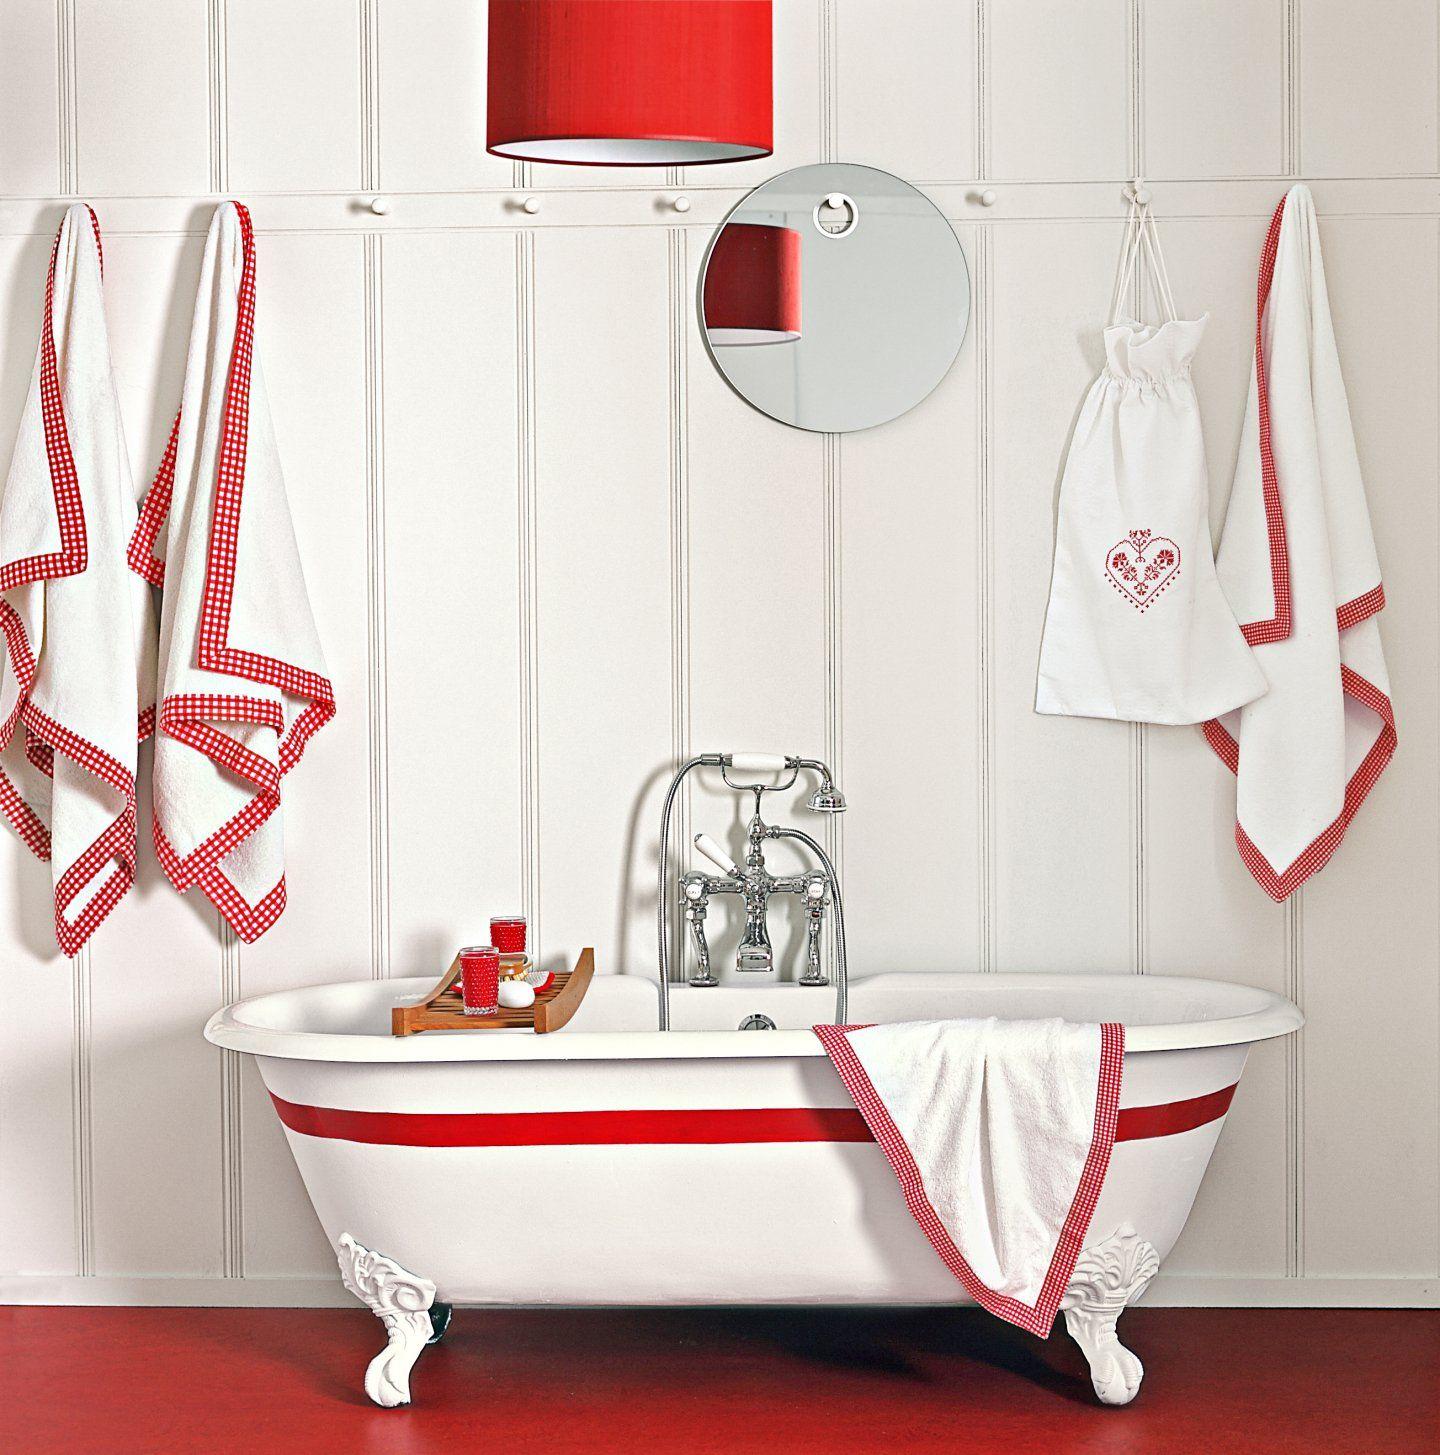 20 Budget-Friendly Bath Ideas | Bathroom red, Budget ...